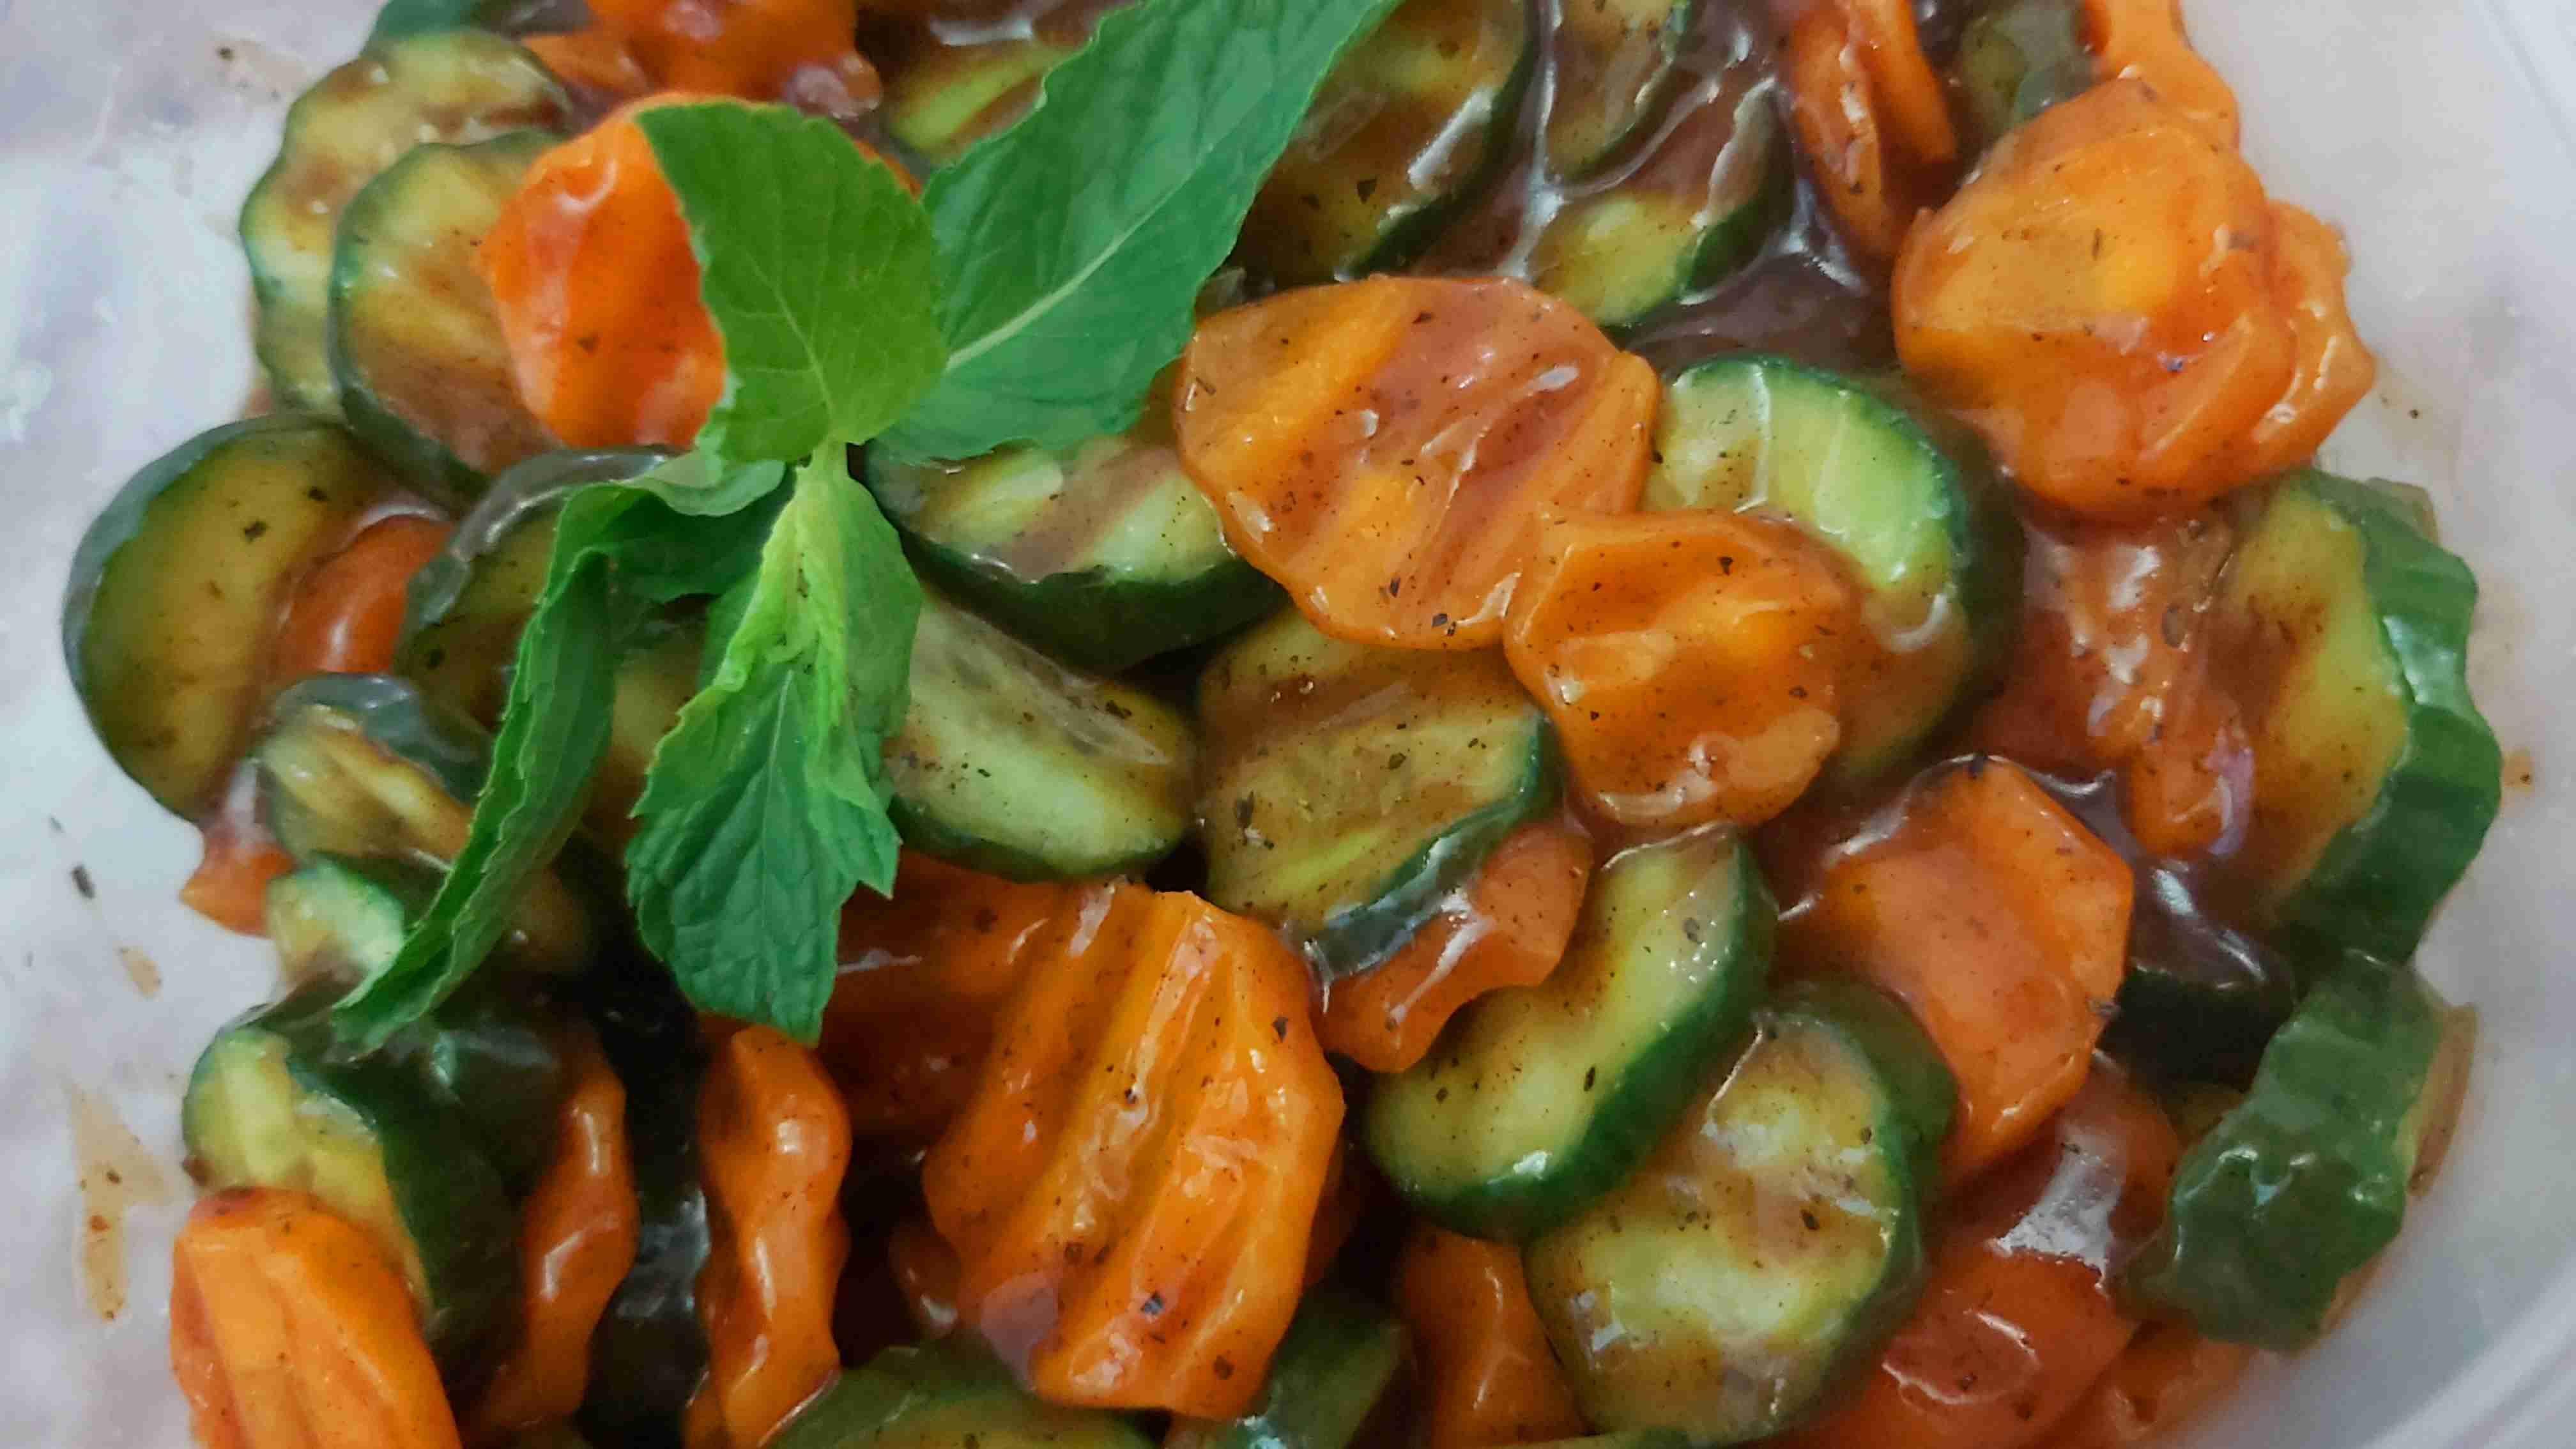 مقبلات الخيار والجزر كثير طيبة ملكة رمضان زاكي Recipe Stuffed Peppers Food Vegetables